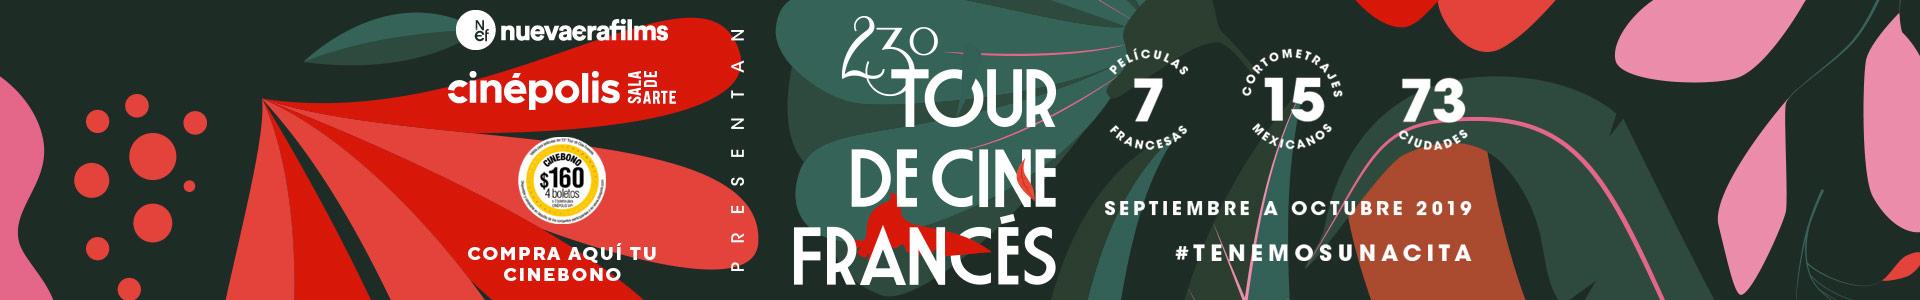 23 Tour de Cine Francés